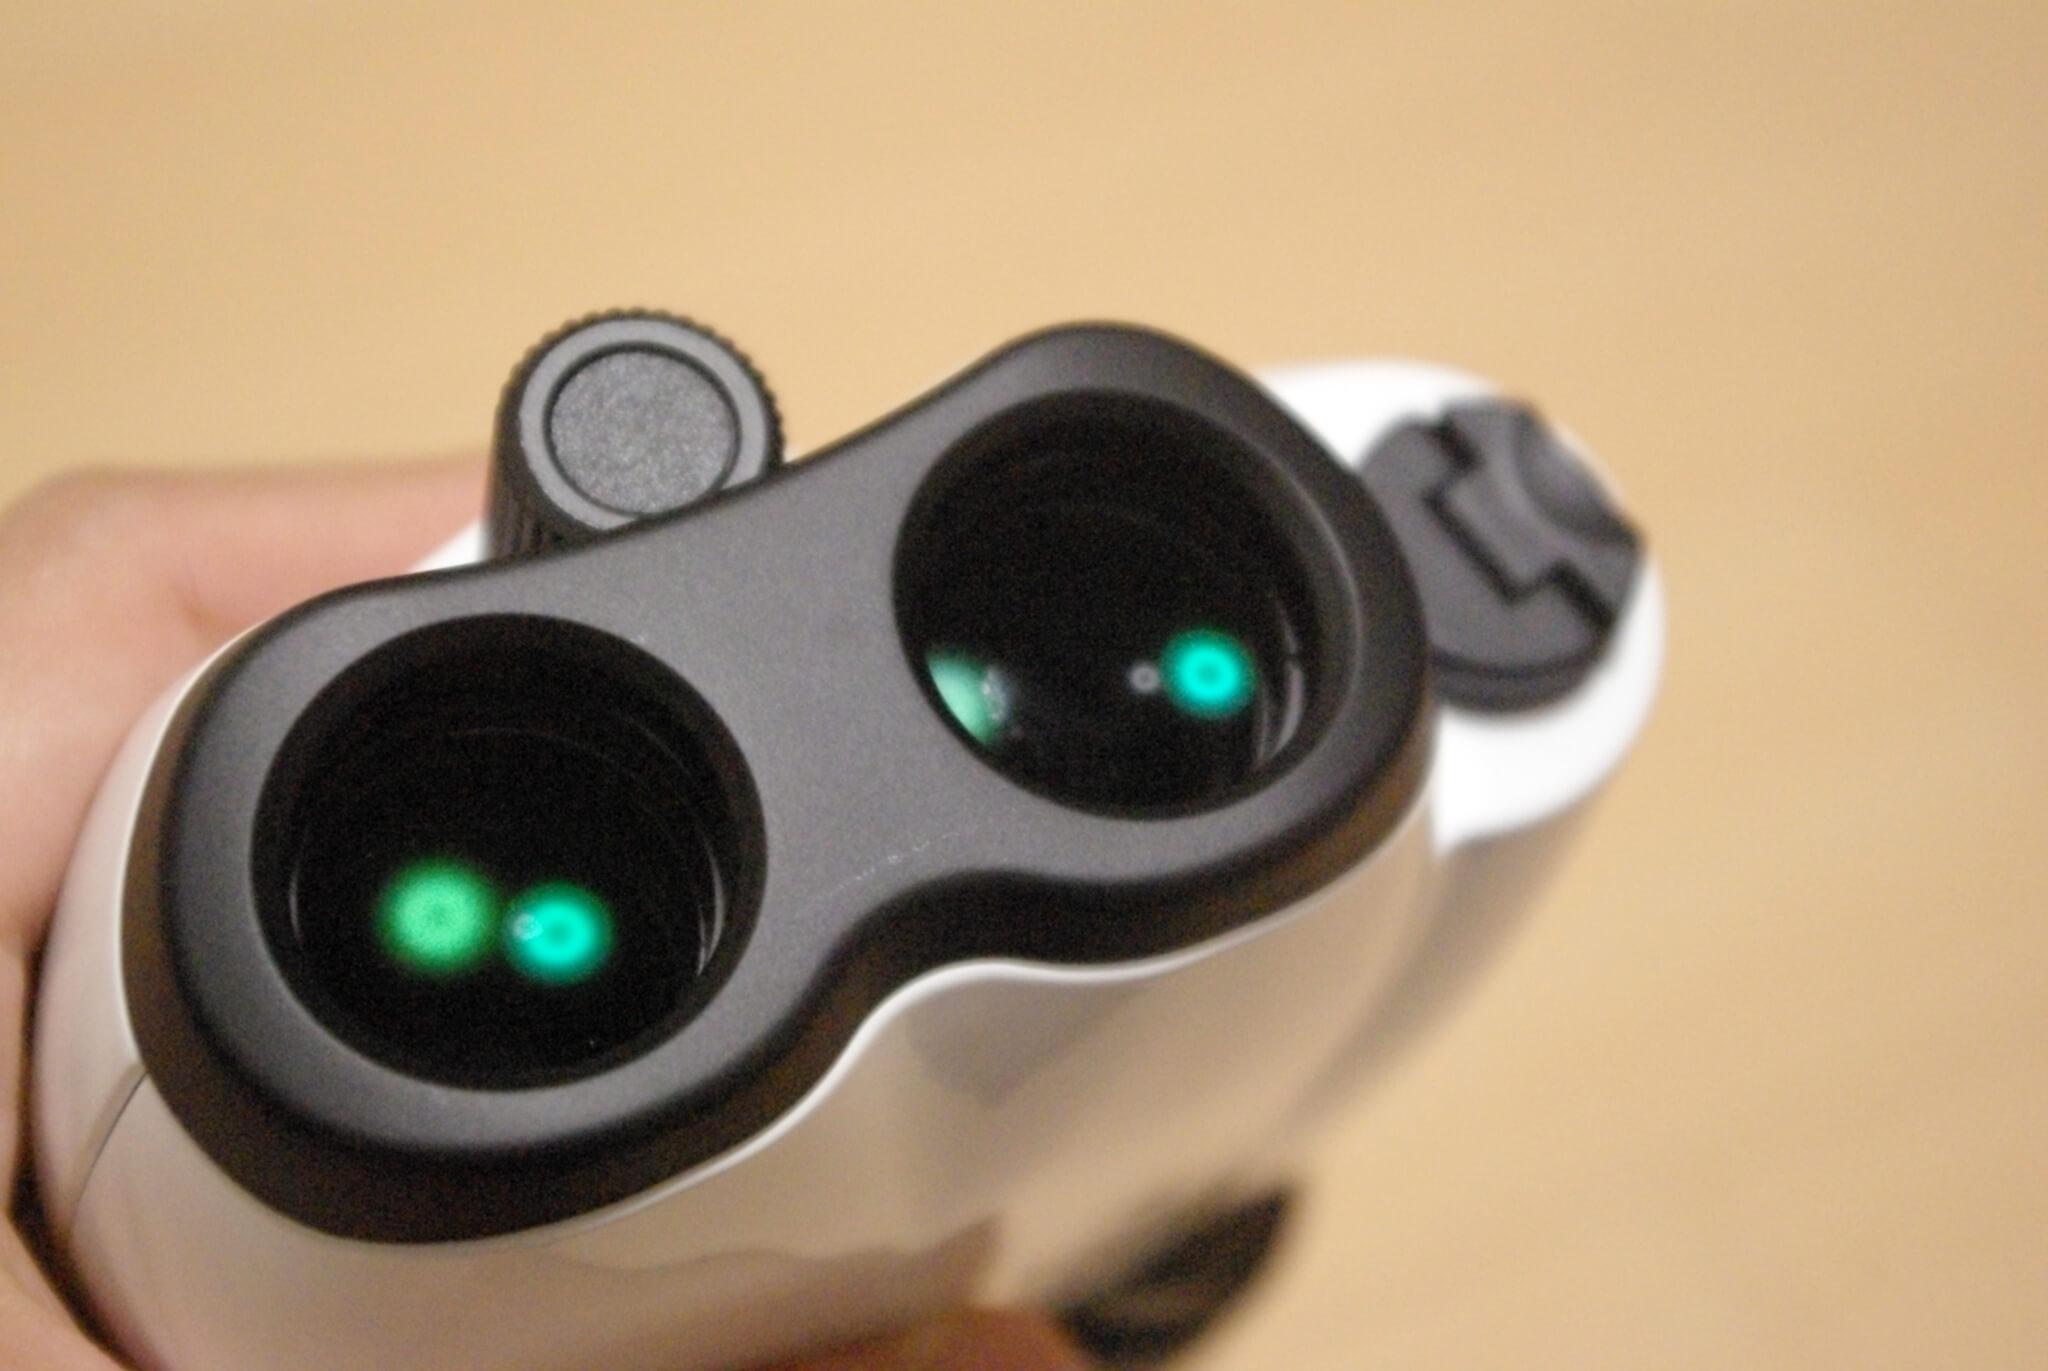 防振双眼鏡「ケンコー VCスマート コンパクト」6つの魅力 フルマルチコーティングでクリアな視界